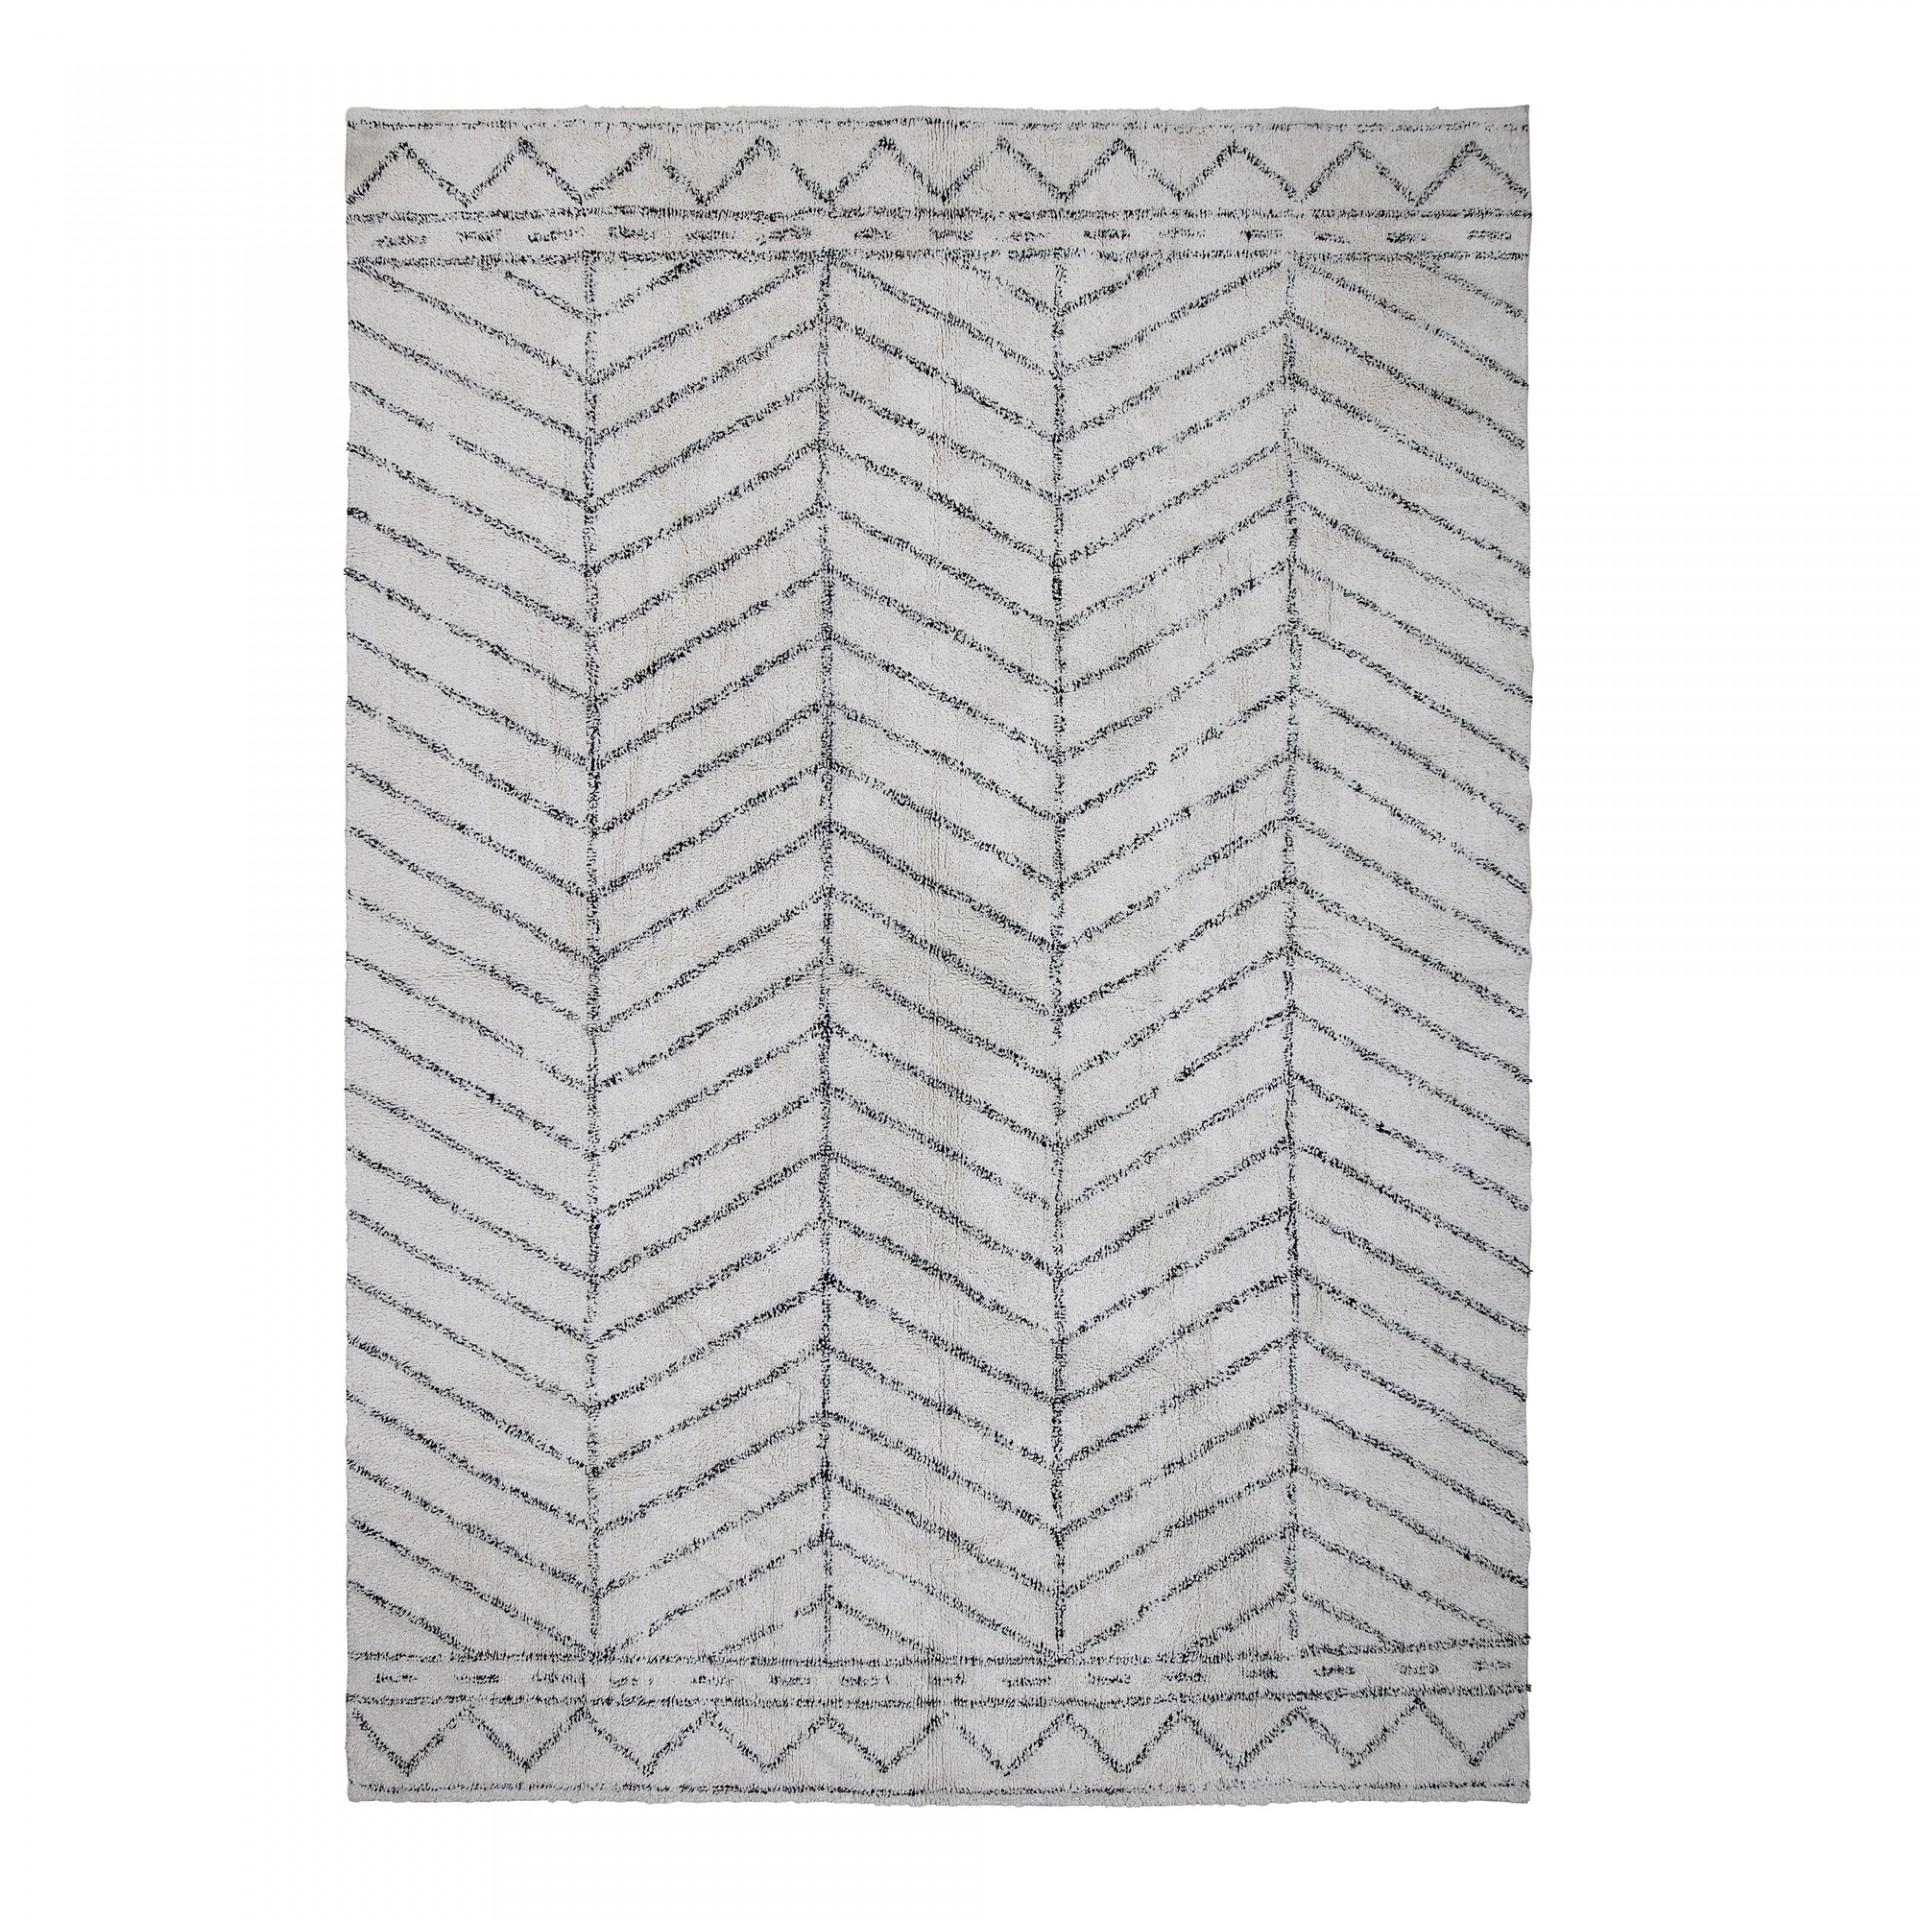 Tapete Berbere, algodão, branco/preto, 300x200